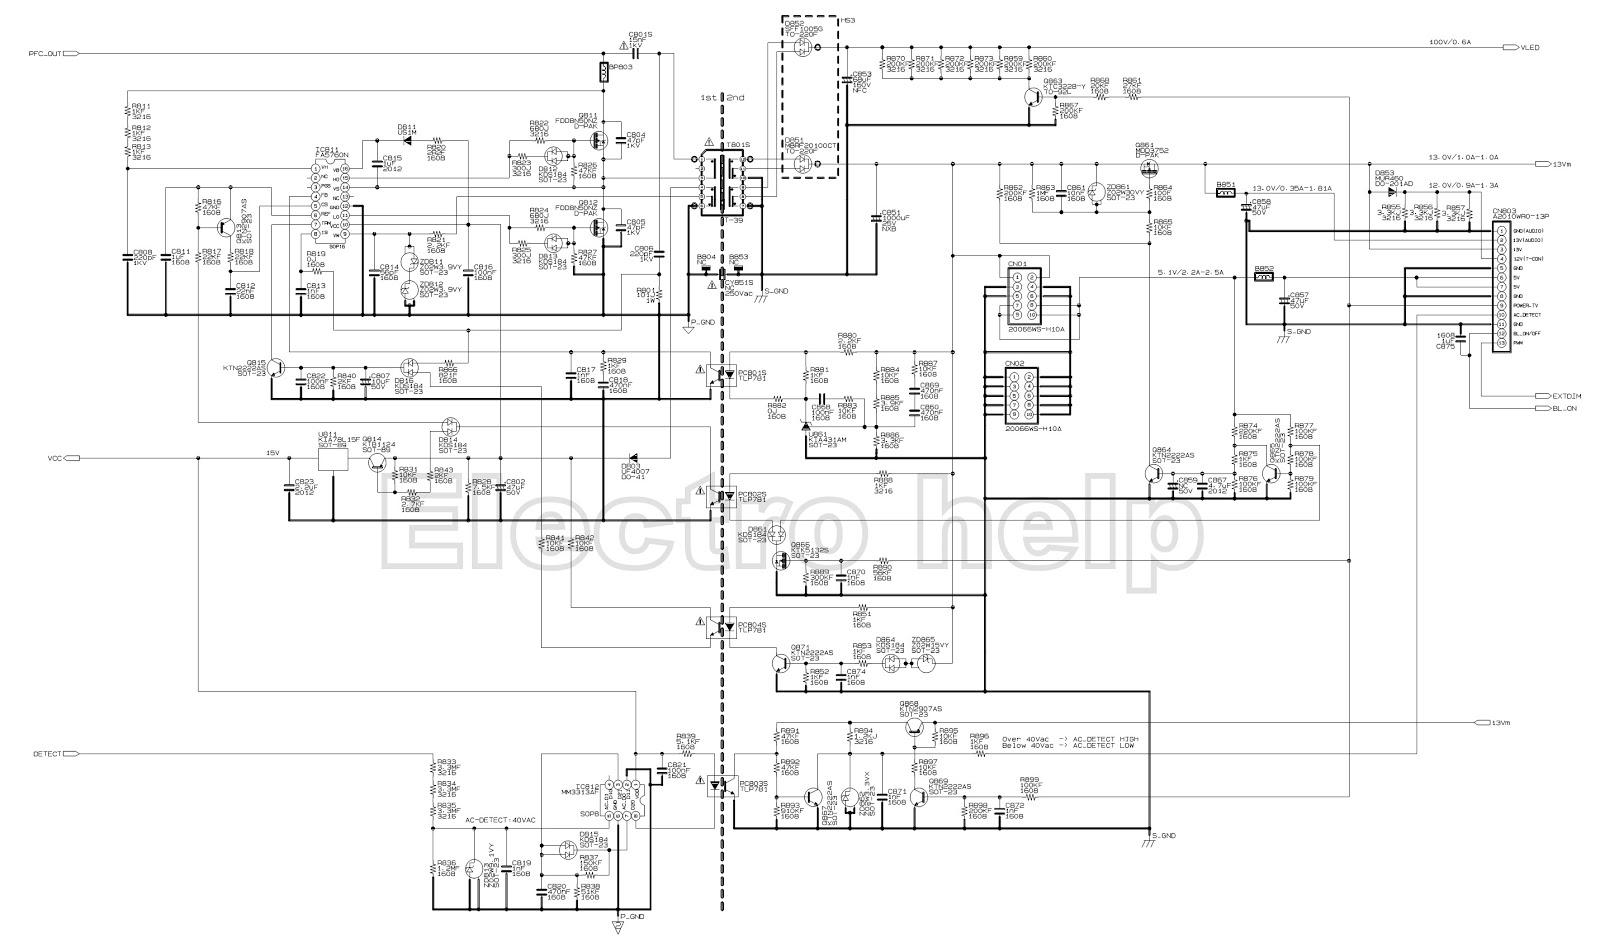 Toshiba 32l2300 - Toshiba 39l2300 - Led Lcd Tv